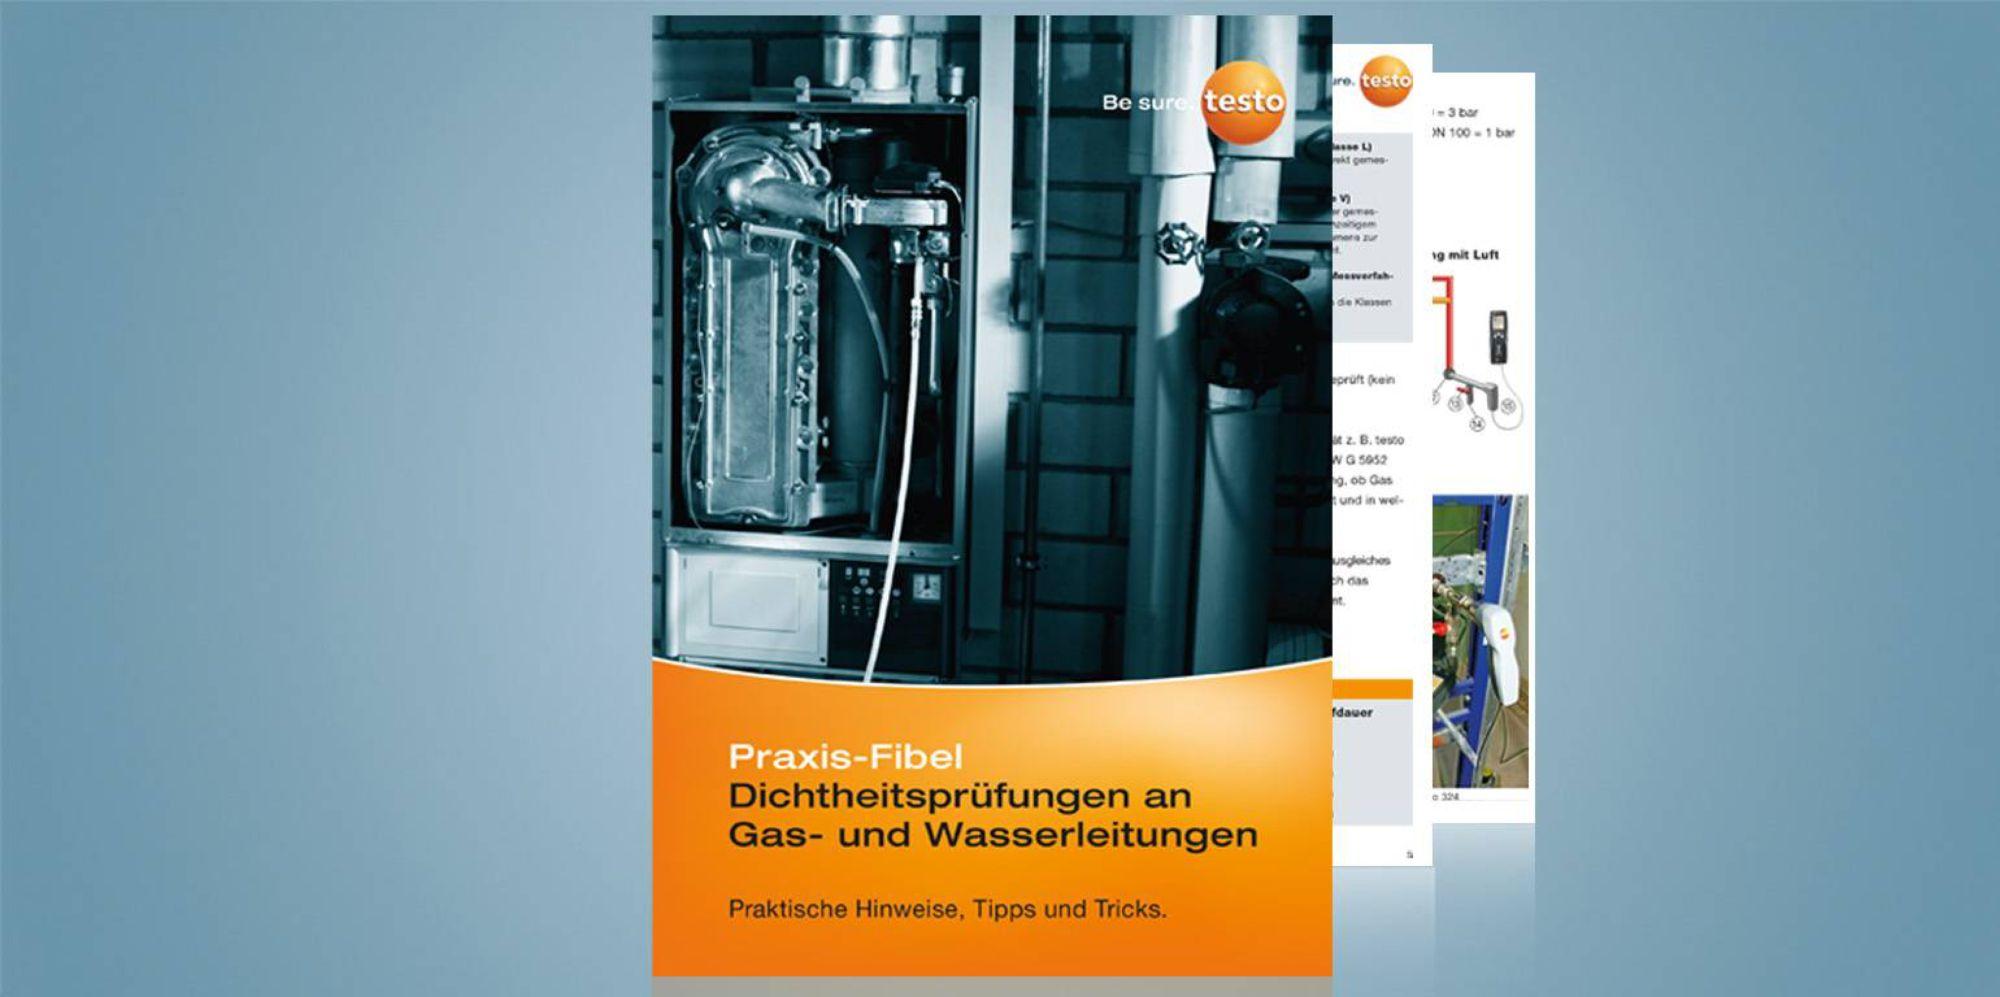 Dichtheitsprüfungen an Gas- und Wasserleitungen